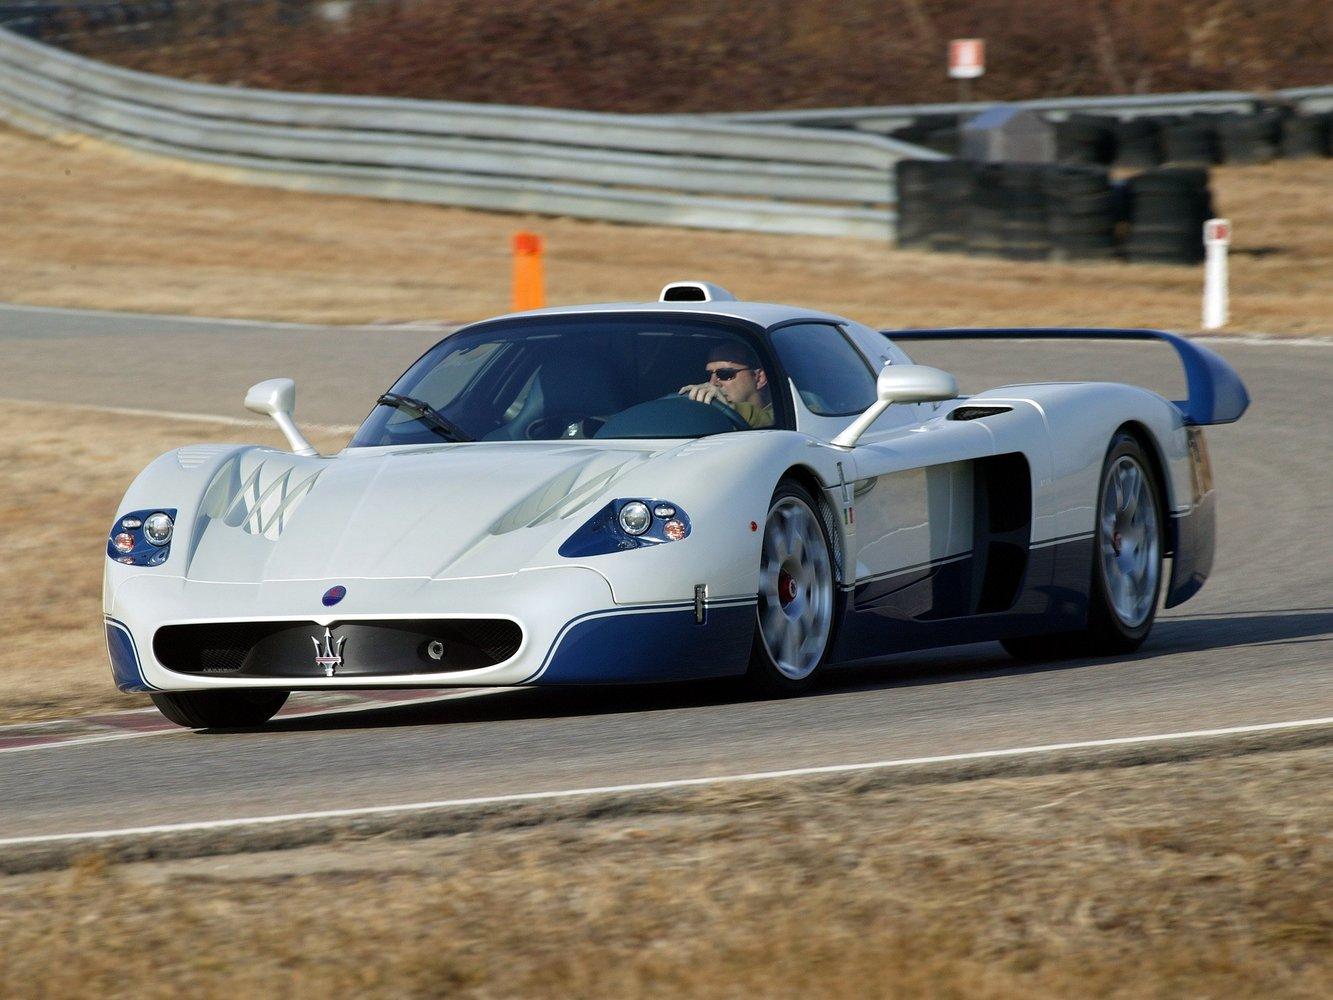 maserati Maserati MC12